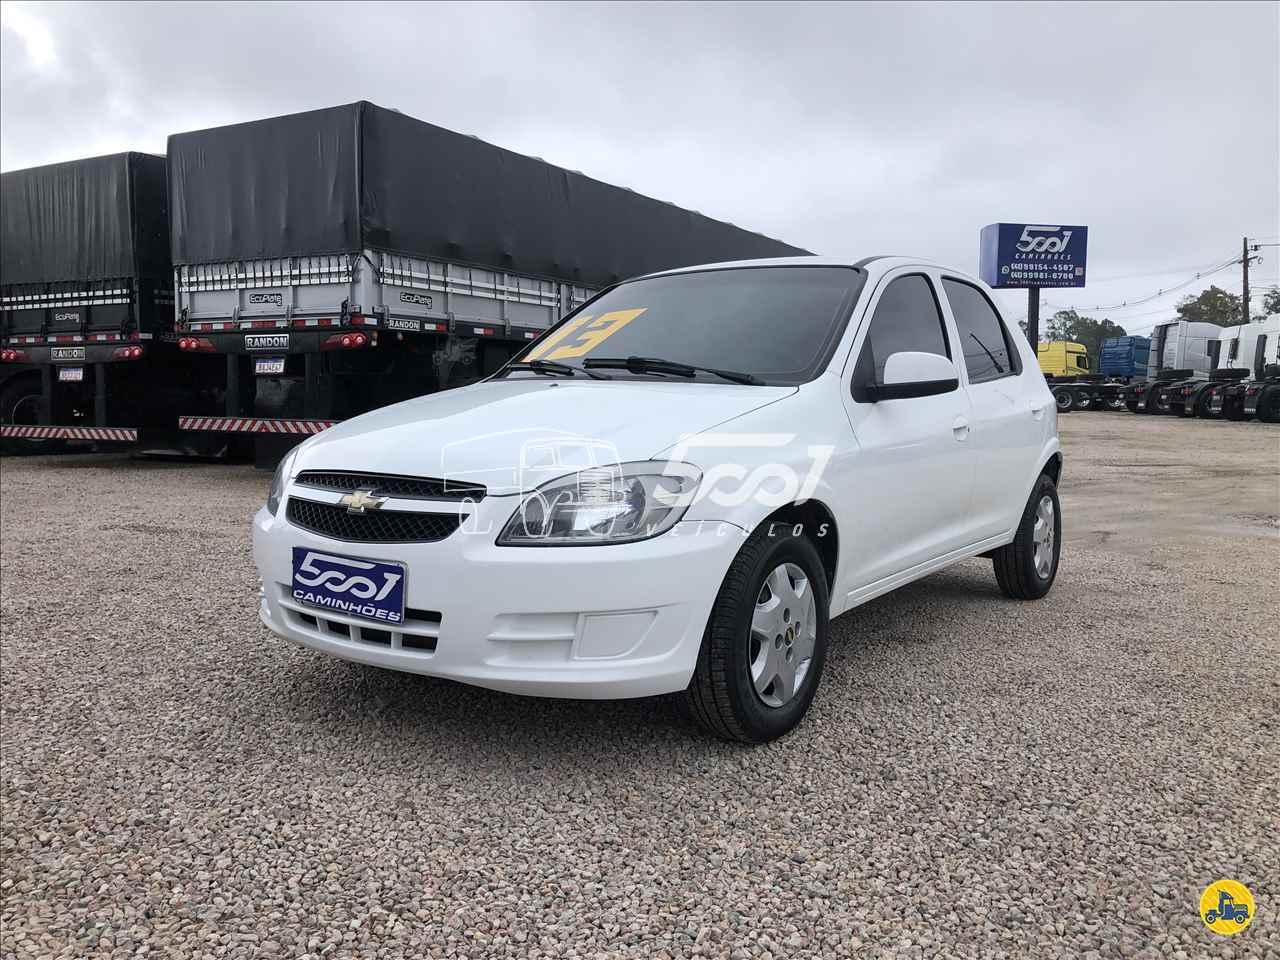 CARRO GM - Chevrolet Celta 1.0 LT 5001 Veículos - São José dos Pinhais SAO JOSE DOS PINHAIS PARANÁ PR